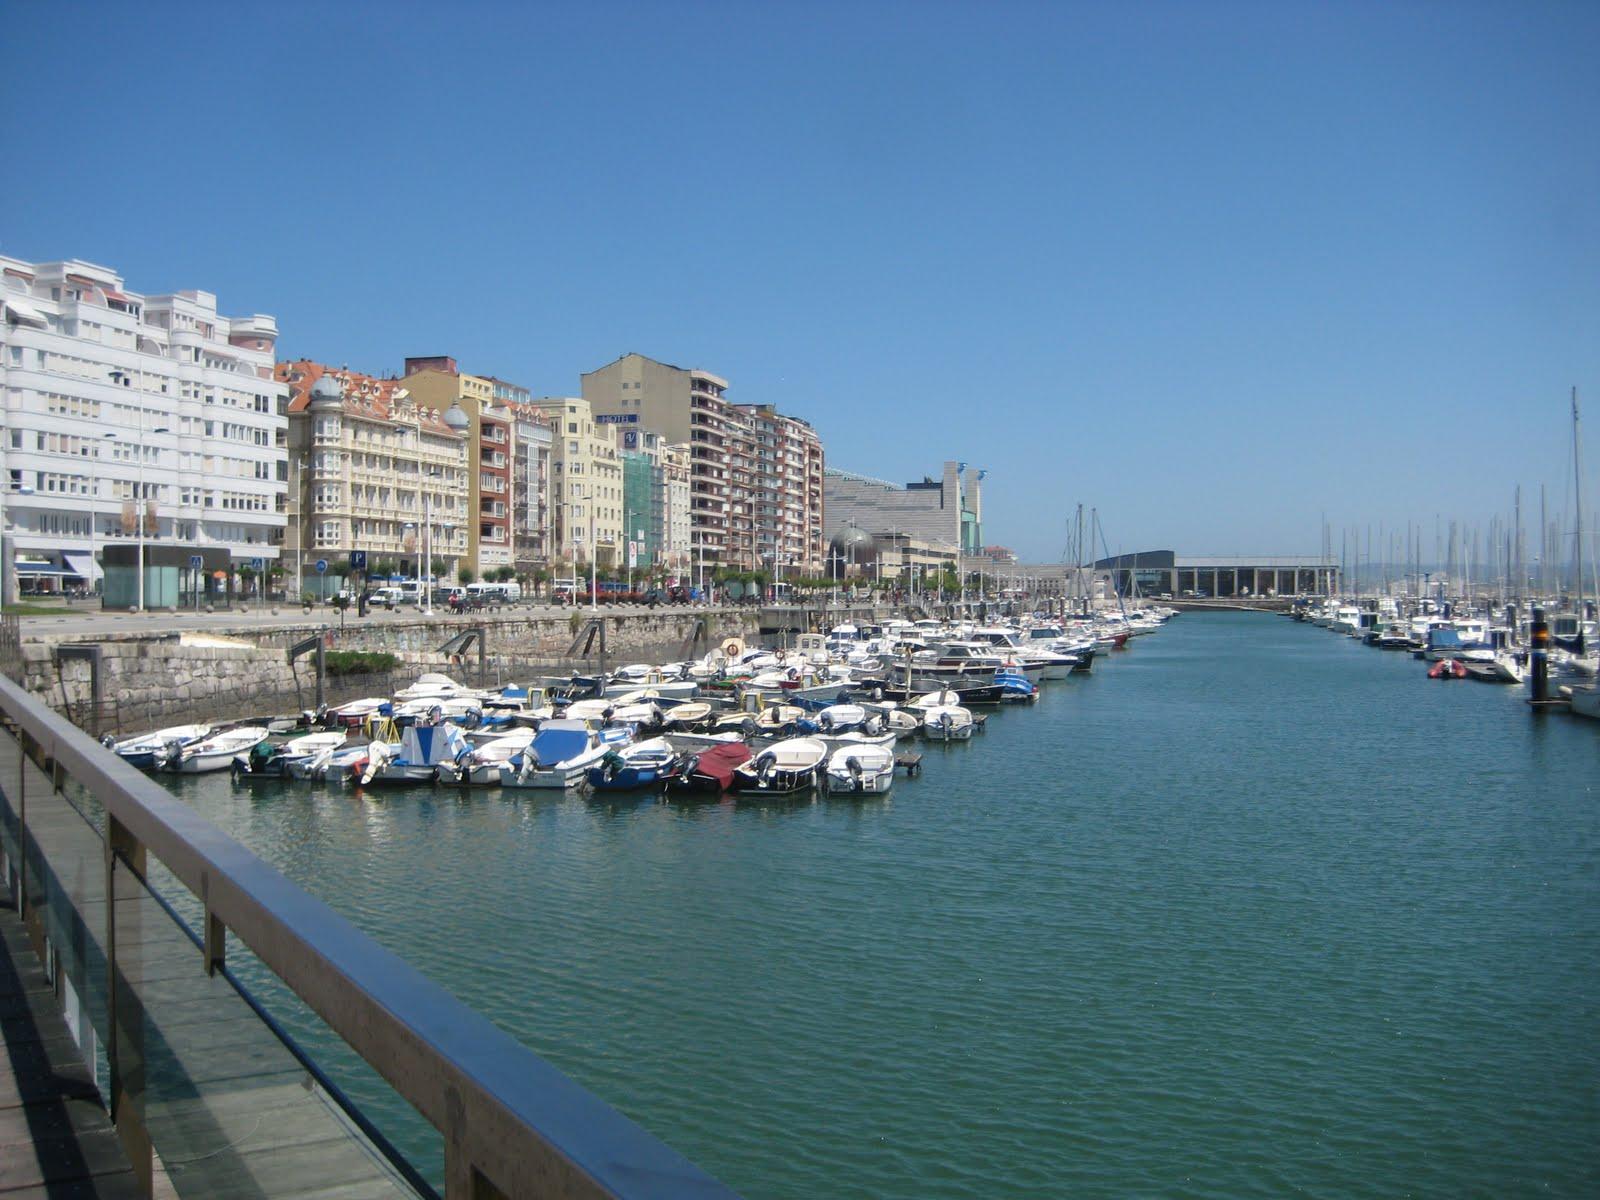 Santander Spain  city pictures gallery : Santander, Spain